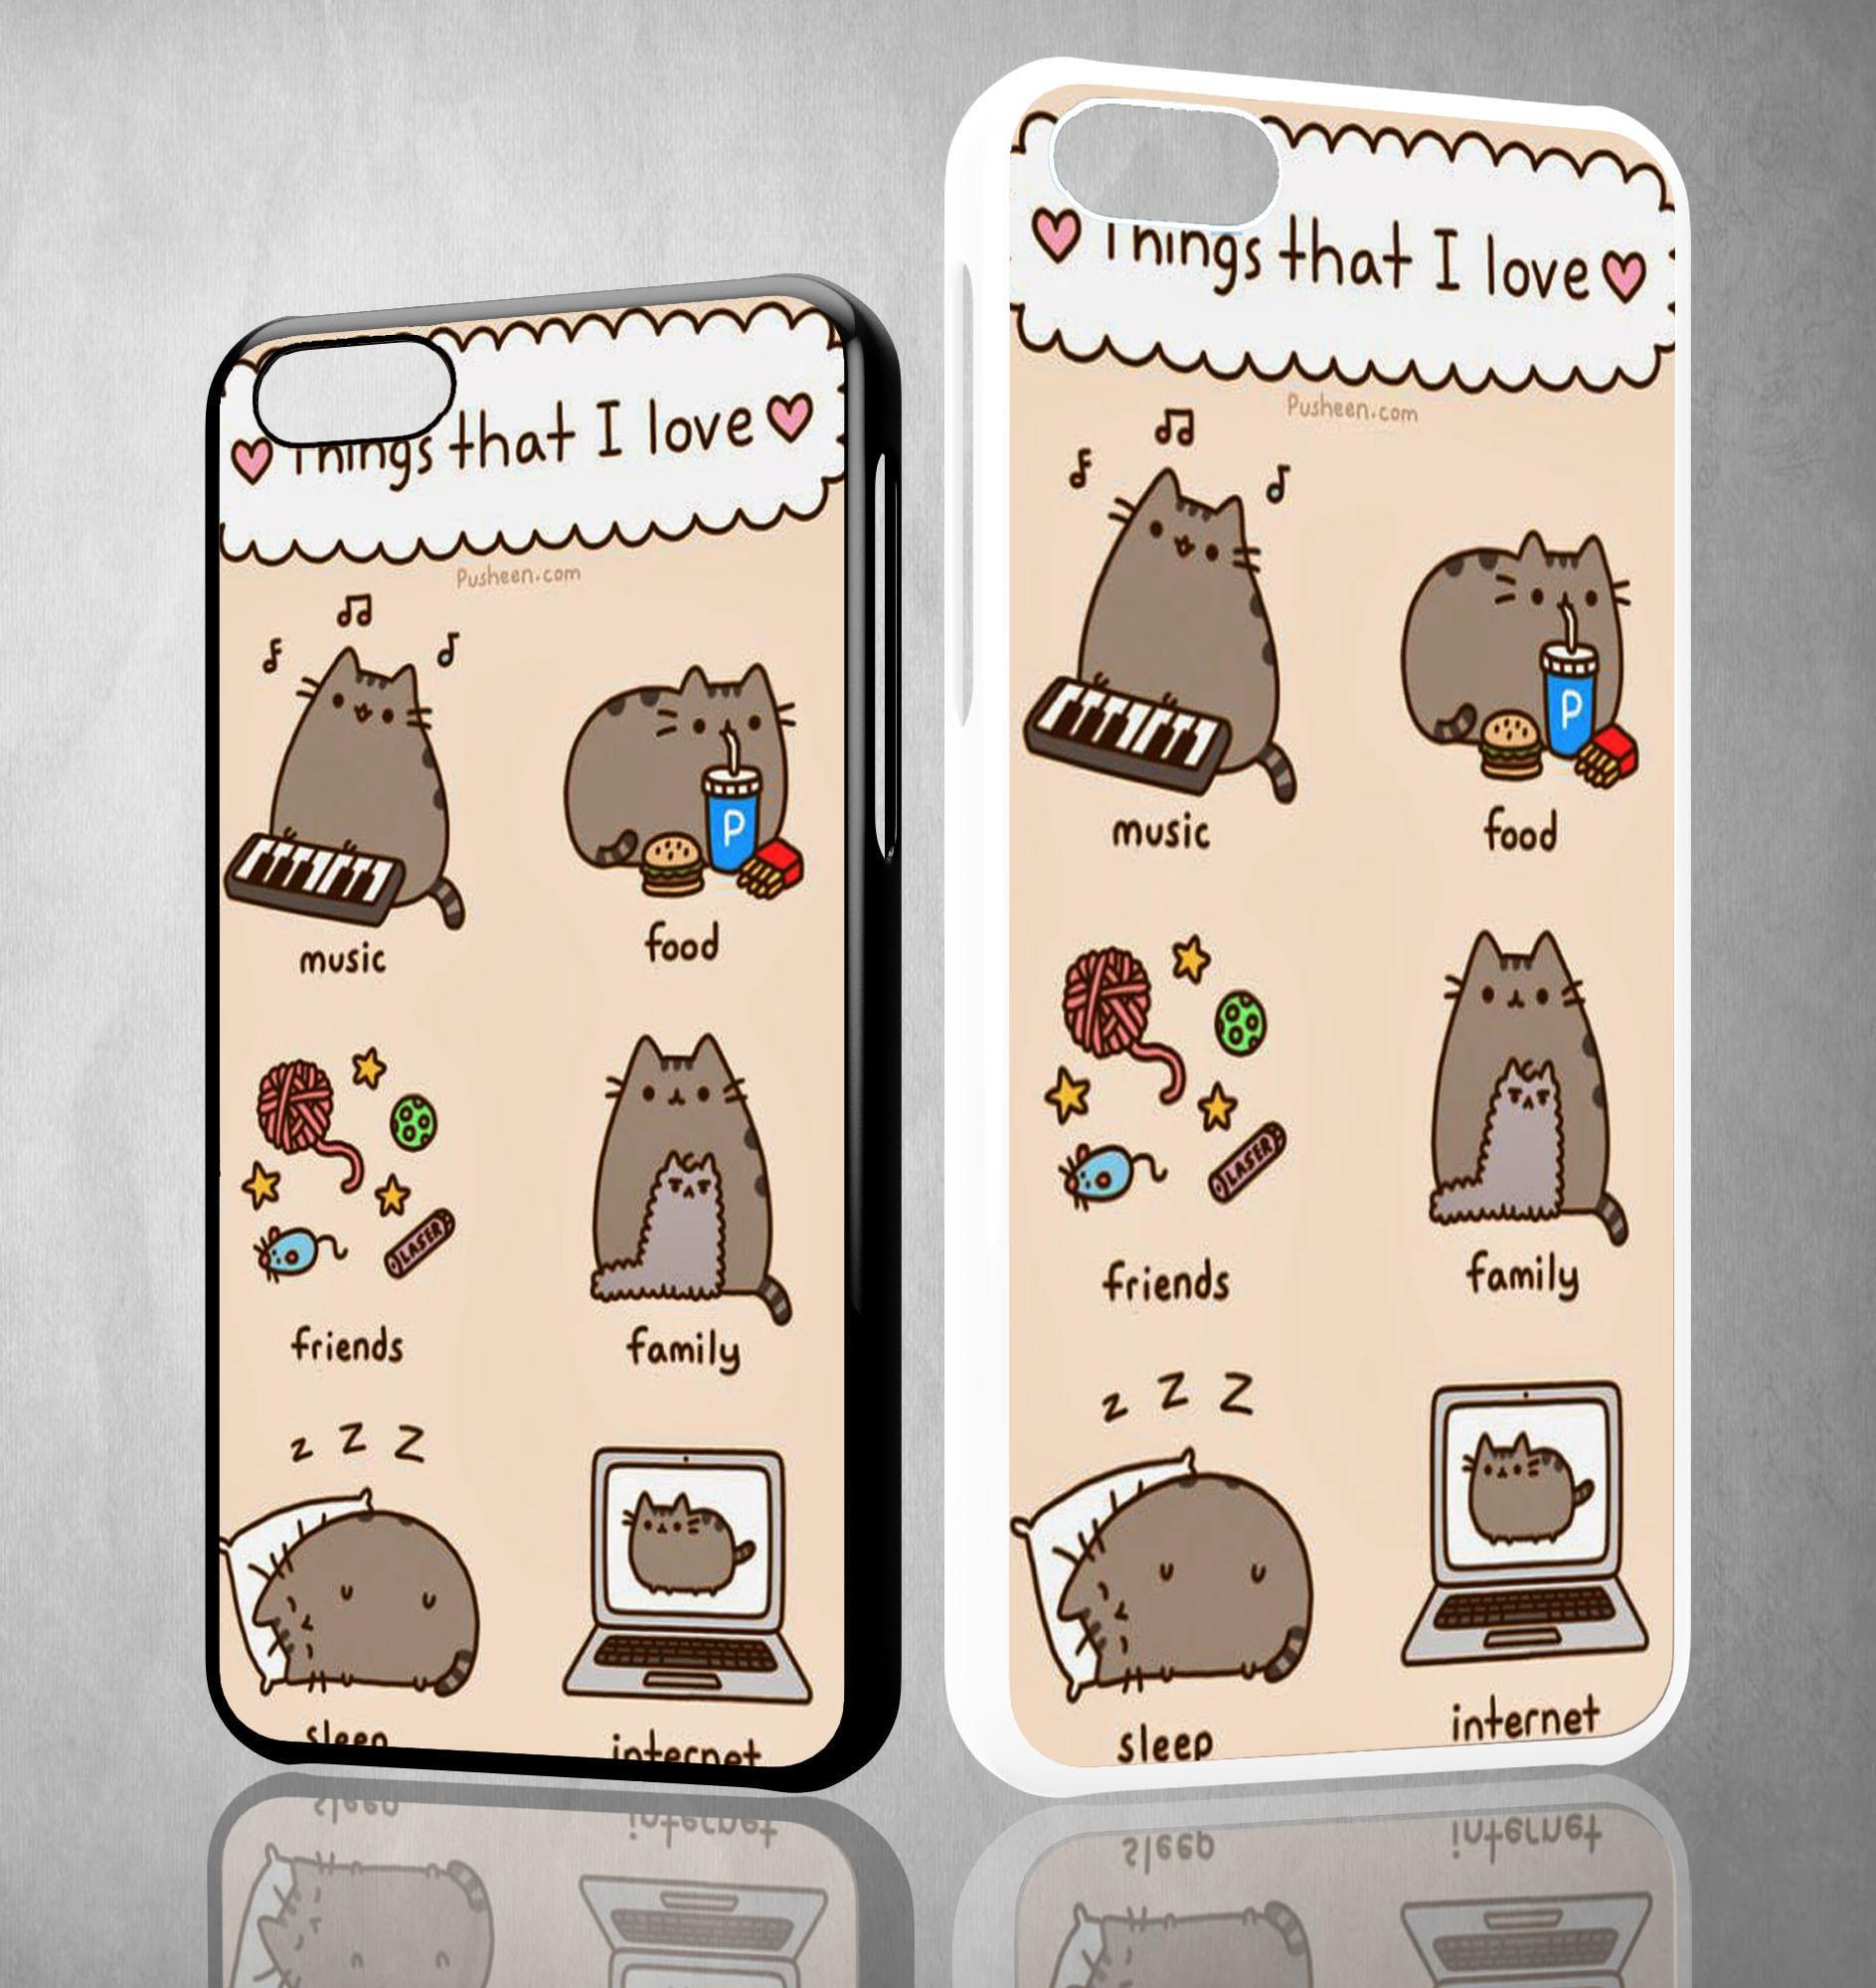 1887x2000 Pusheen Cat Wallpaper Y0755 IPhone 4S 5S From Velozcity.com